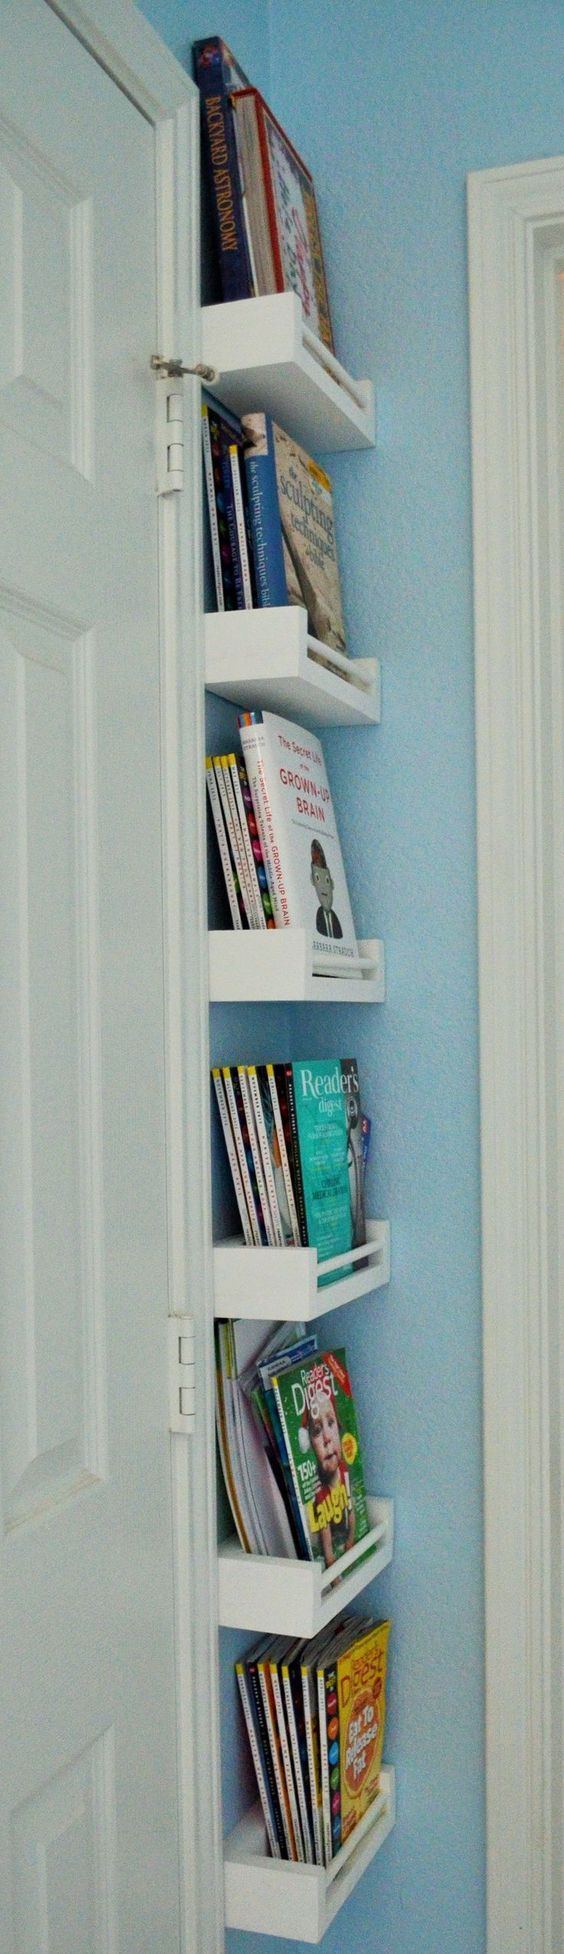 Use in studio behind door for art books - Ikea Spice Rack